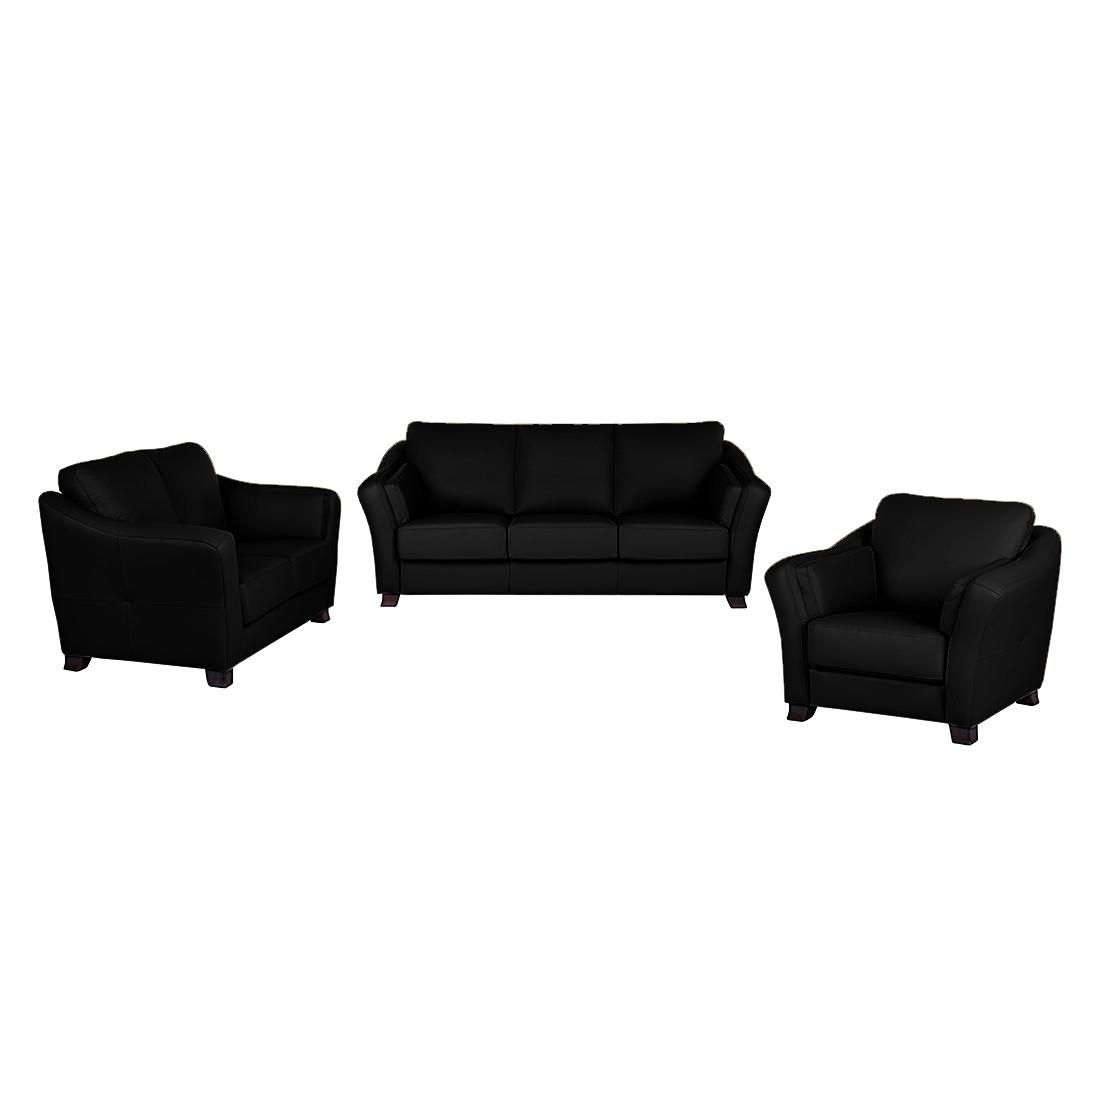 Canapé panoramique Toucy (3 -2 -1) - Cuir synthétique noir, Nuovoform